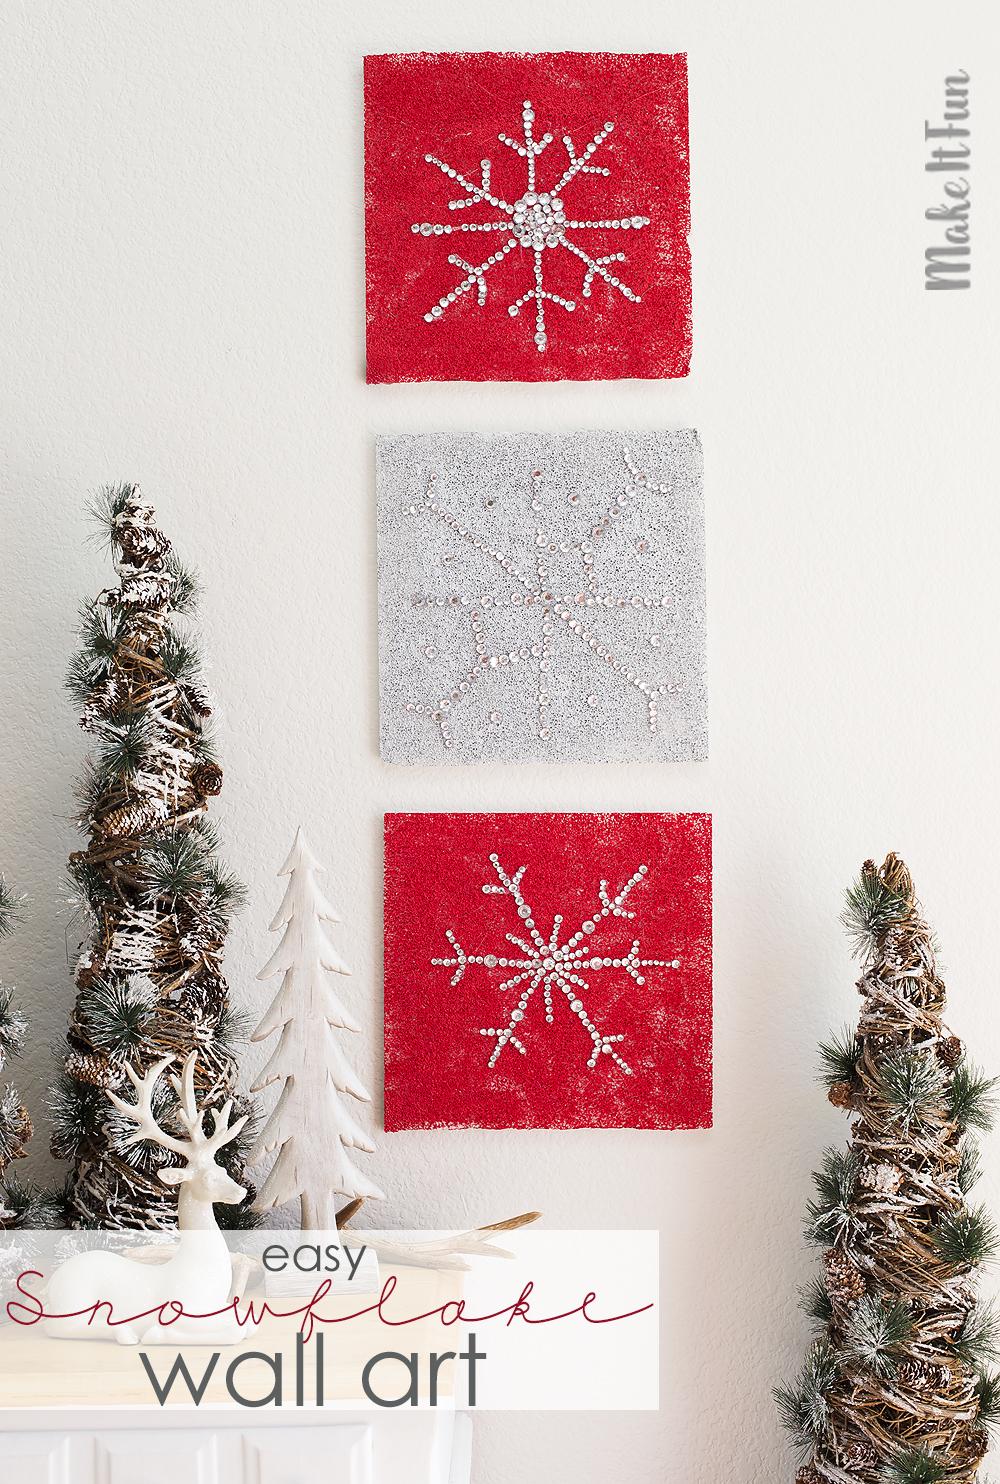 diy-snowflake-wall-art